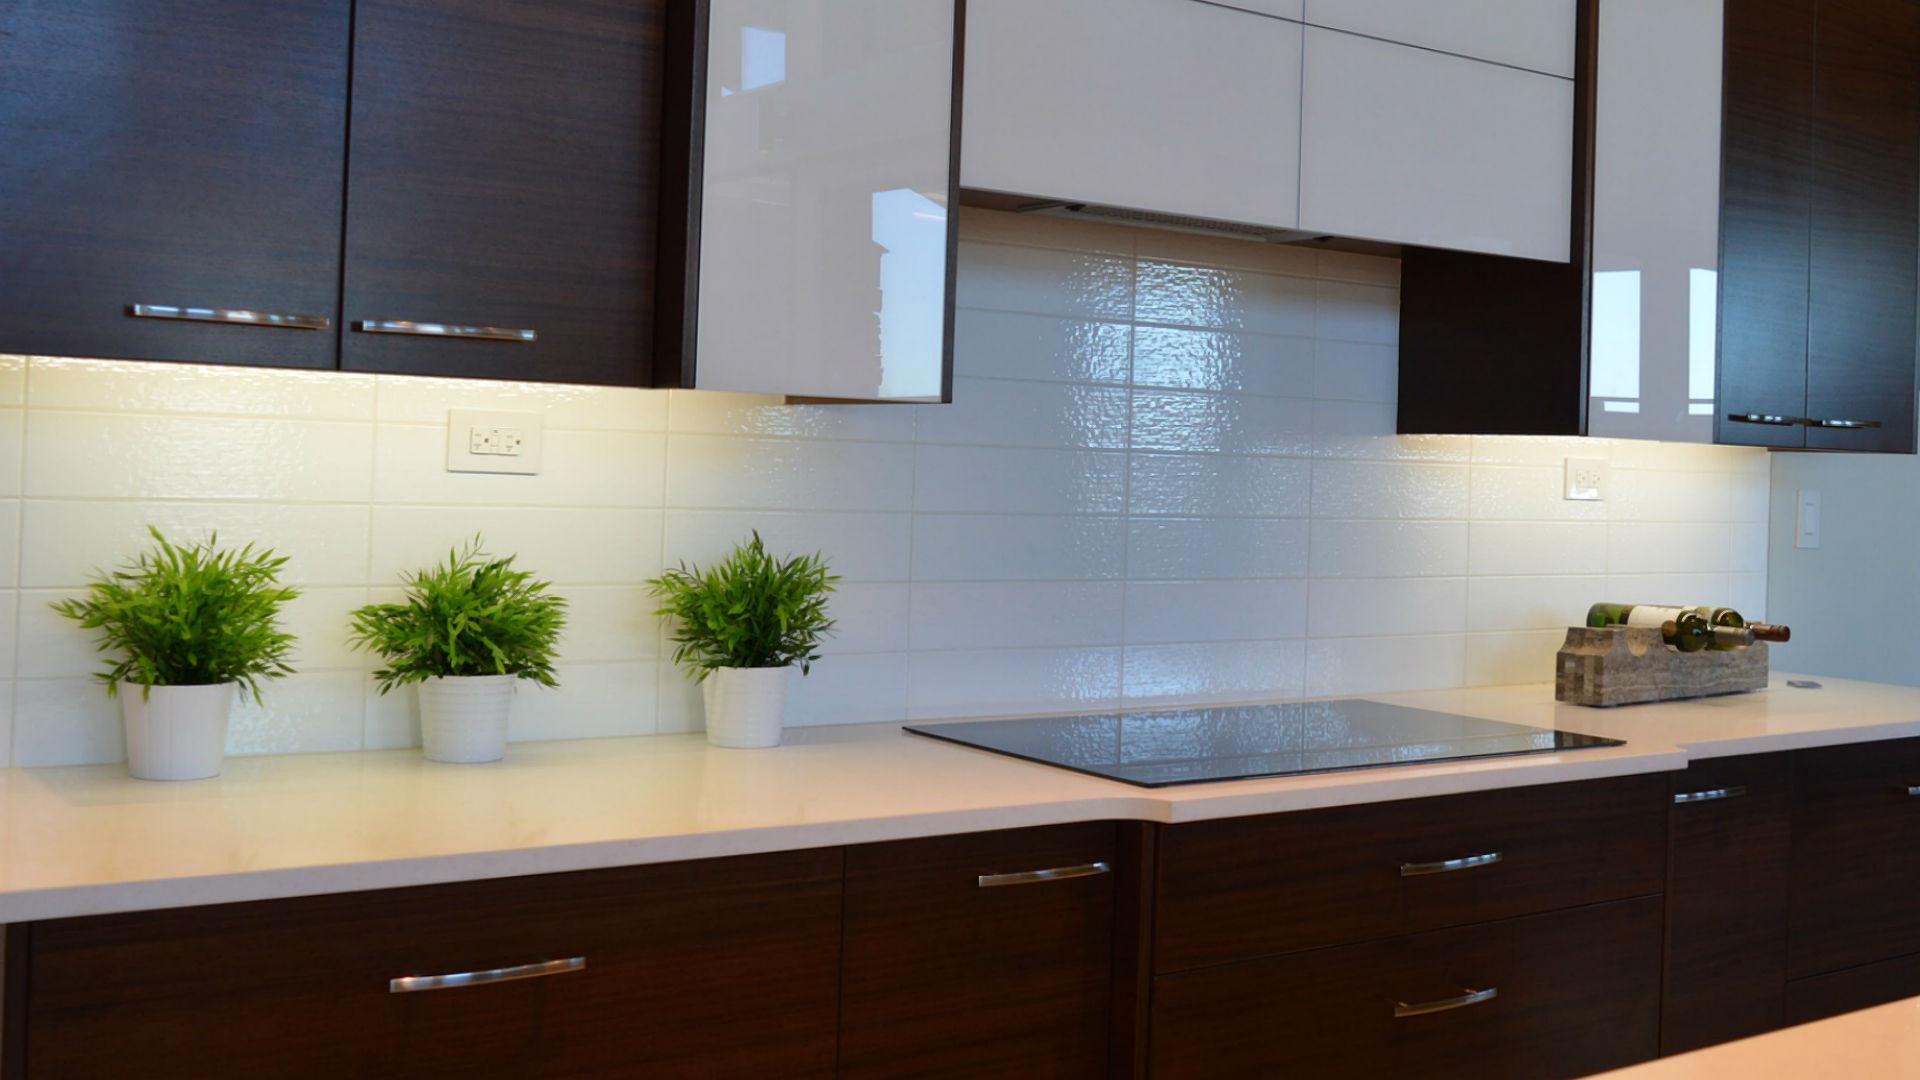 Carpinter a y cocinas a medida en murcia alitor carpinteros - Muebles de cocina murcia ...